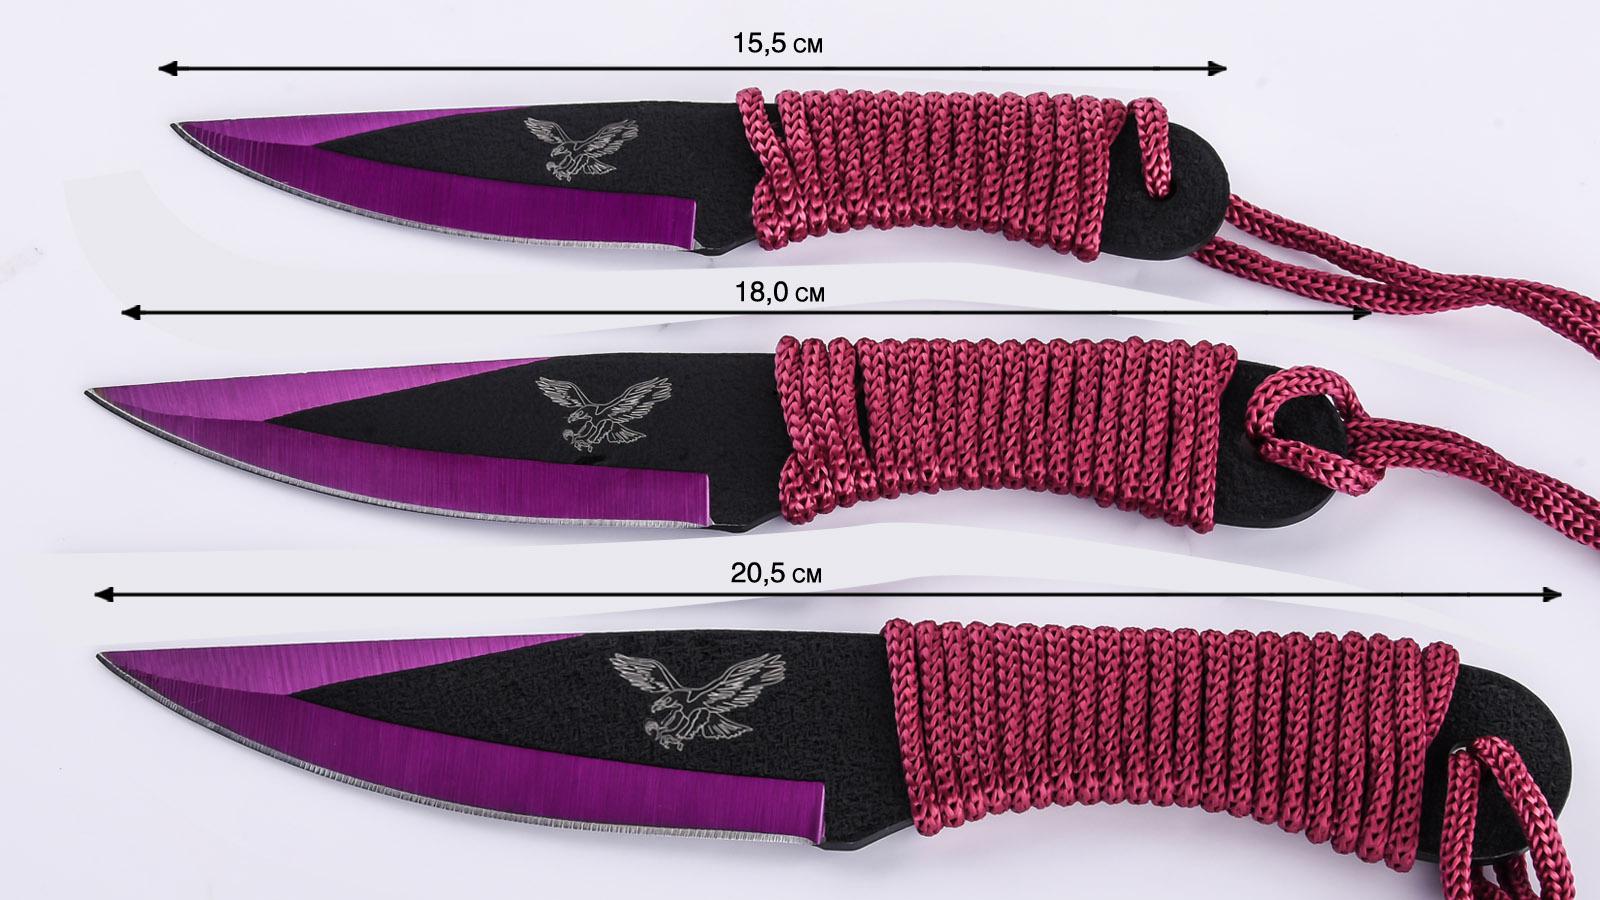 Метательные ножи Сокол по приемлемой цене